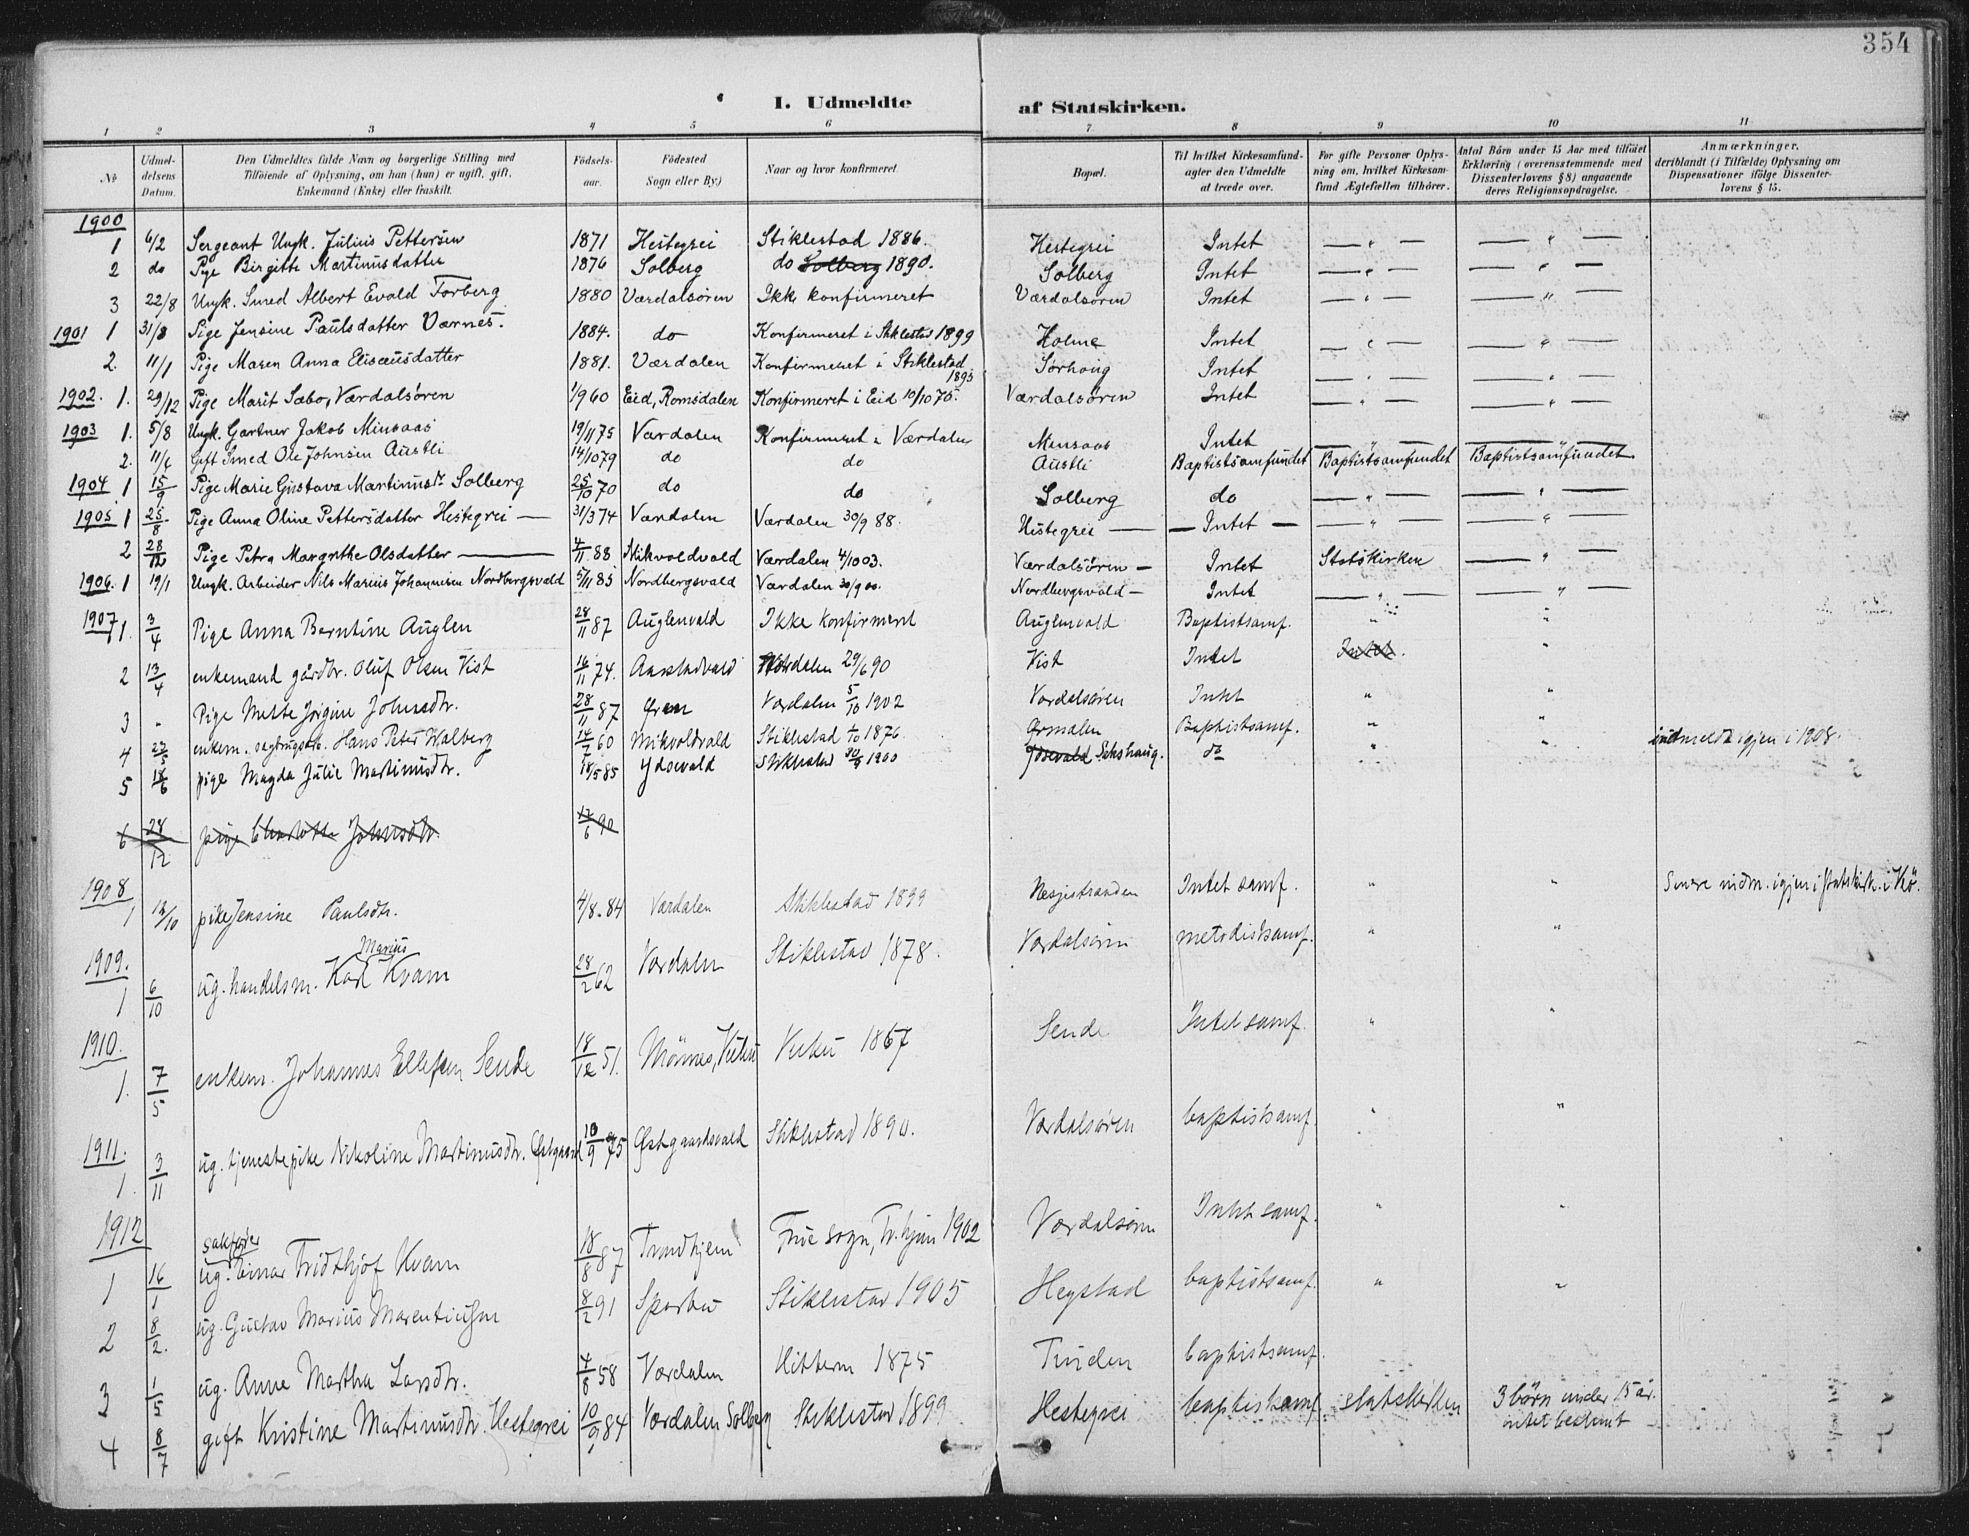 SAT, Ministerialprotokoller, klokkerbøker og fødselsregistre - Nord-Trøndelag, 723/L0246: Ministerialbok nr. 723A15, 1900-1917, s. 354